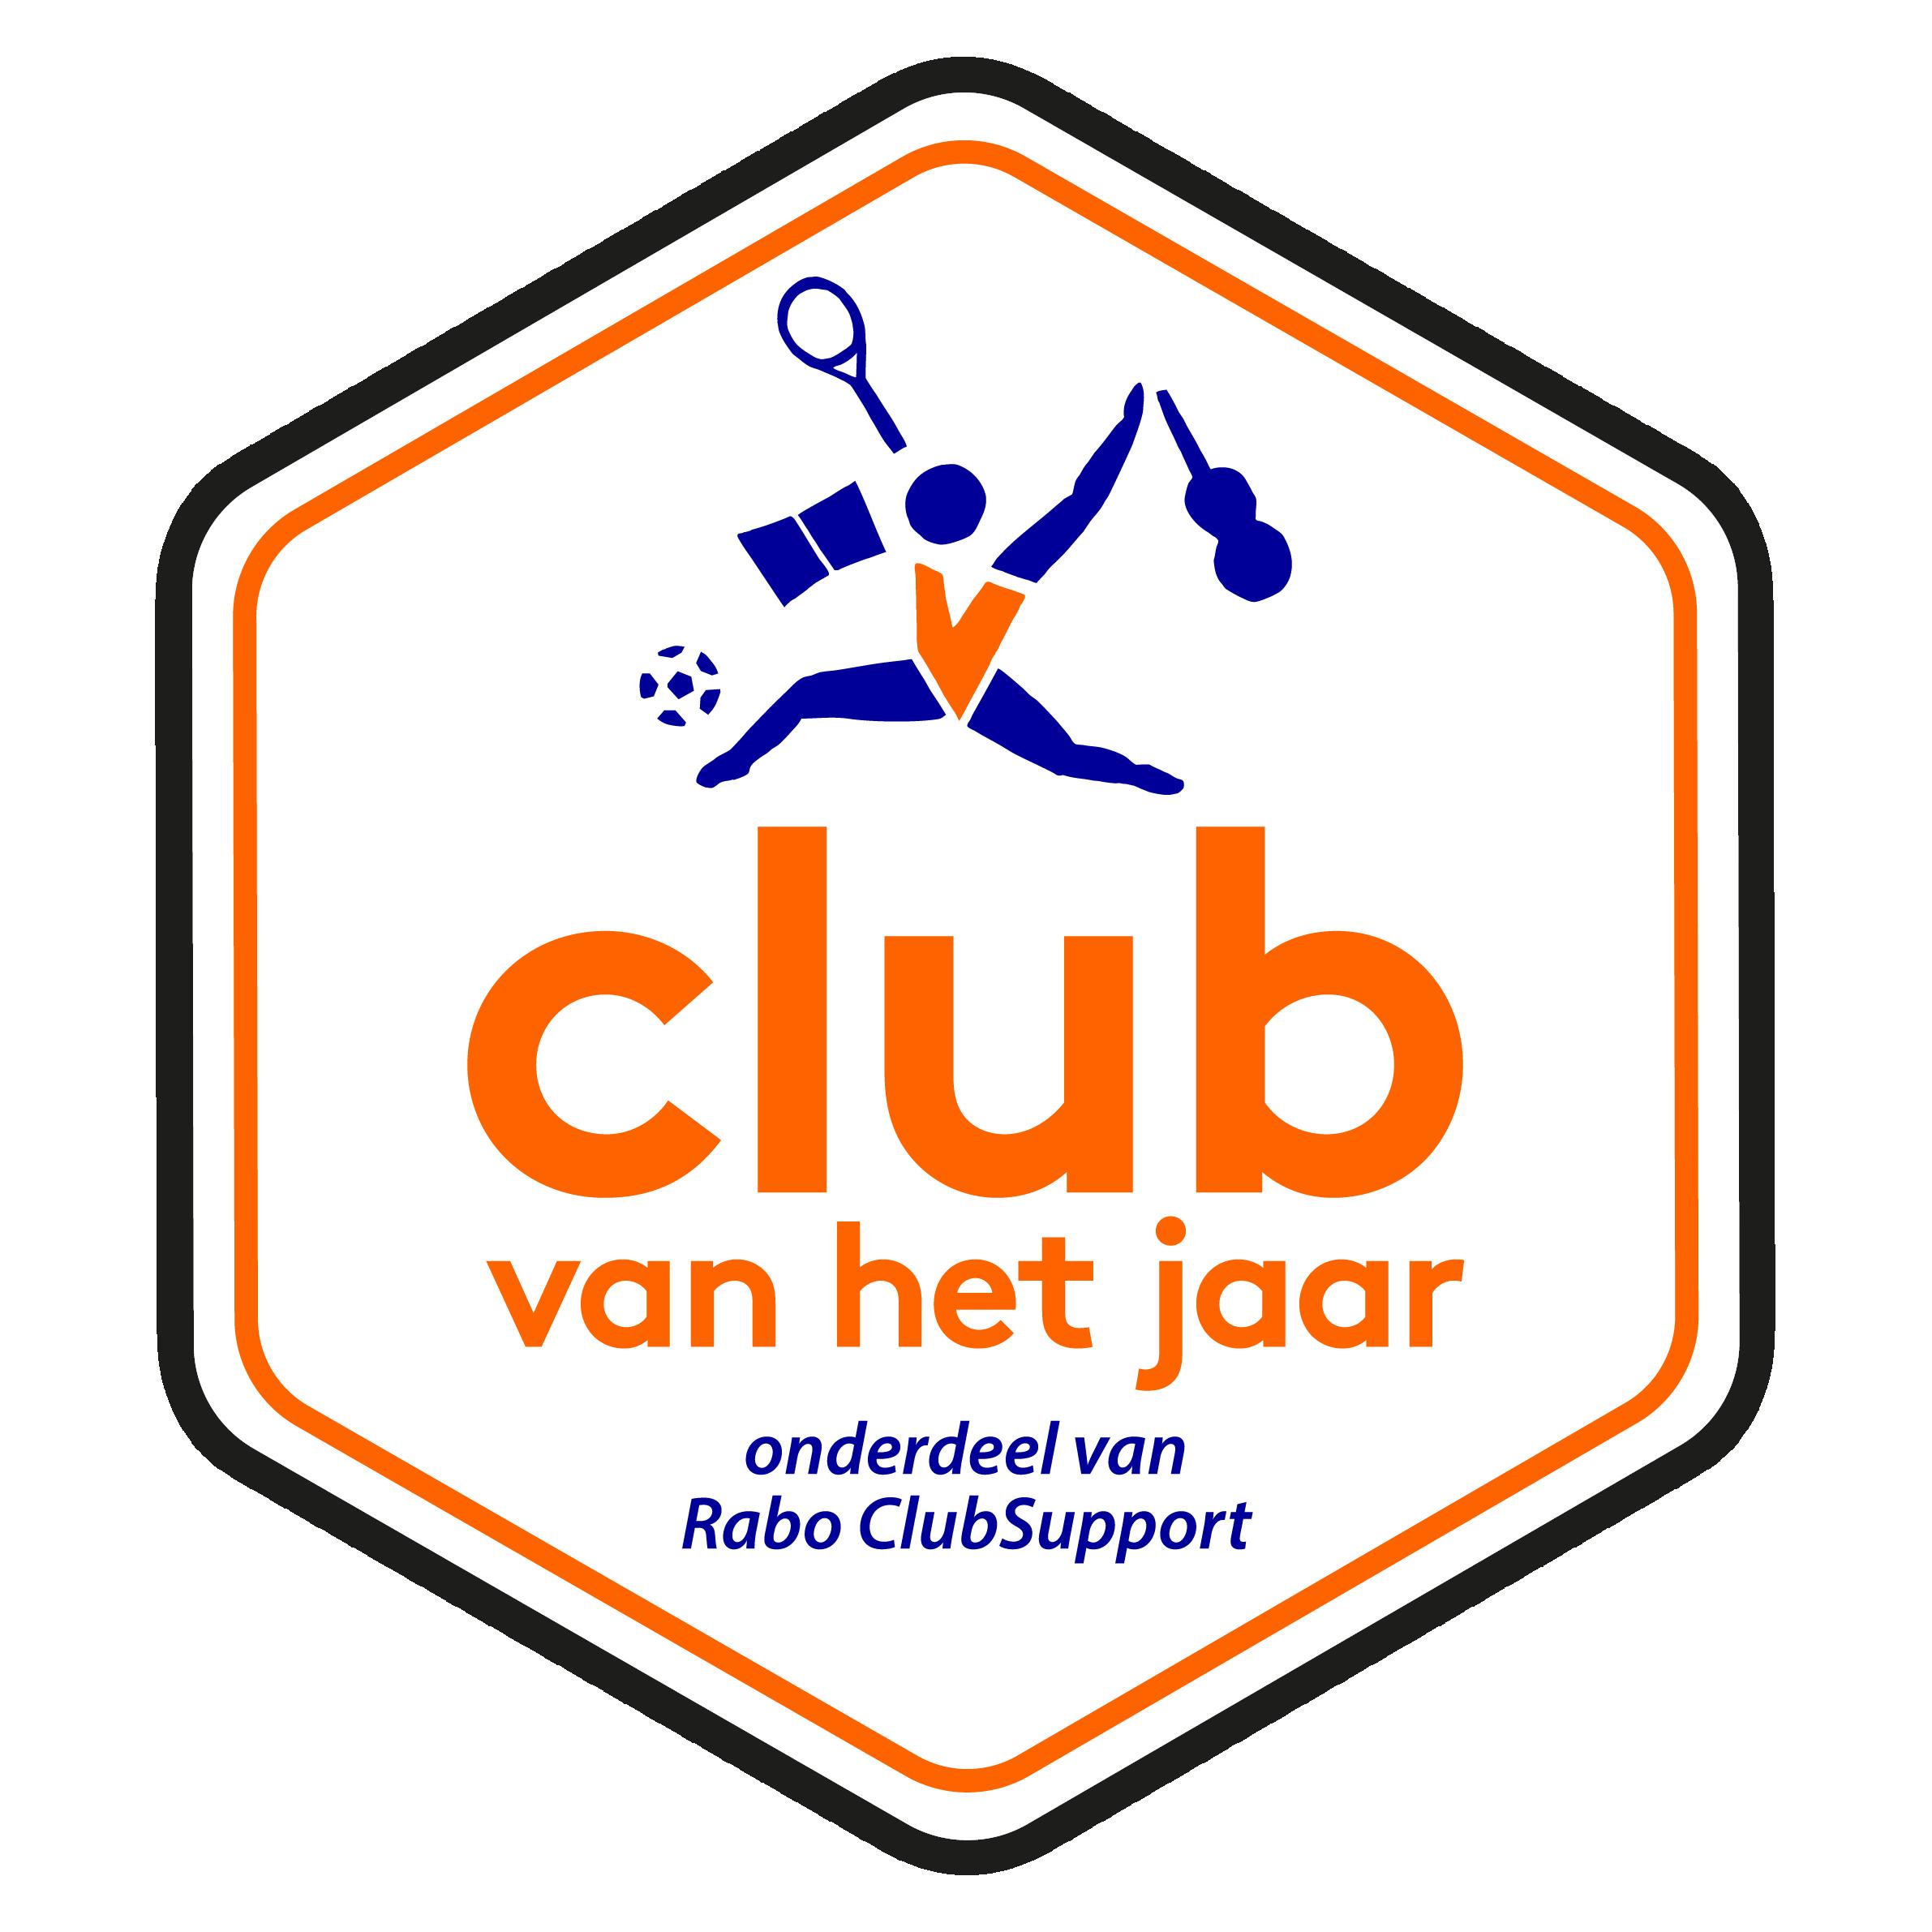 SEV genomineerd voor Verkiezing Club van het Jaar